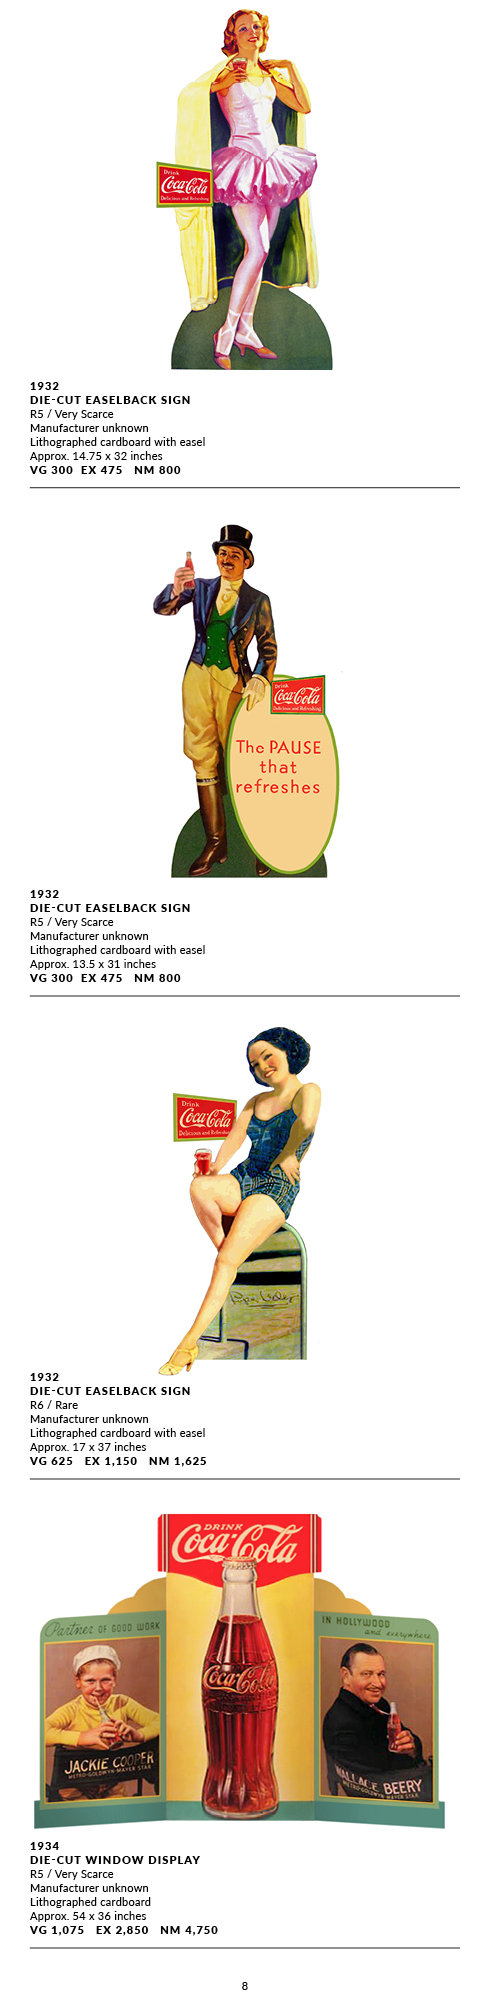 Die Cuts EaselBacks and Displays 1925-19